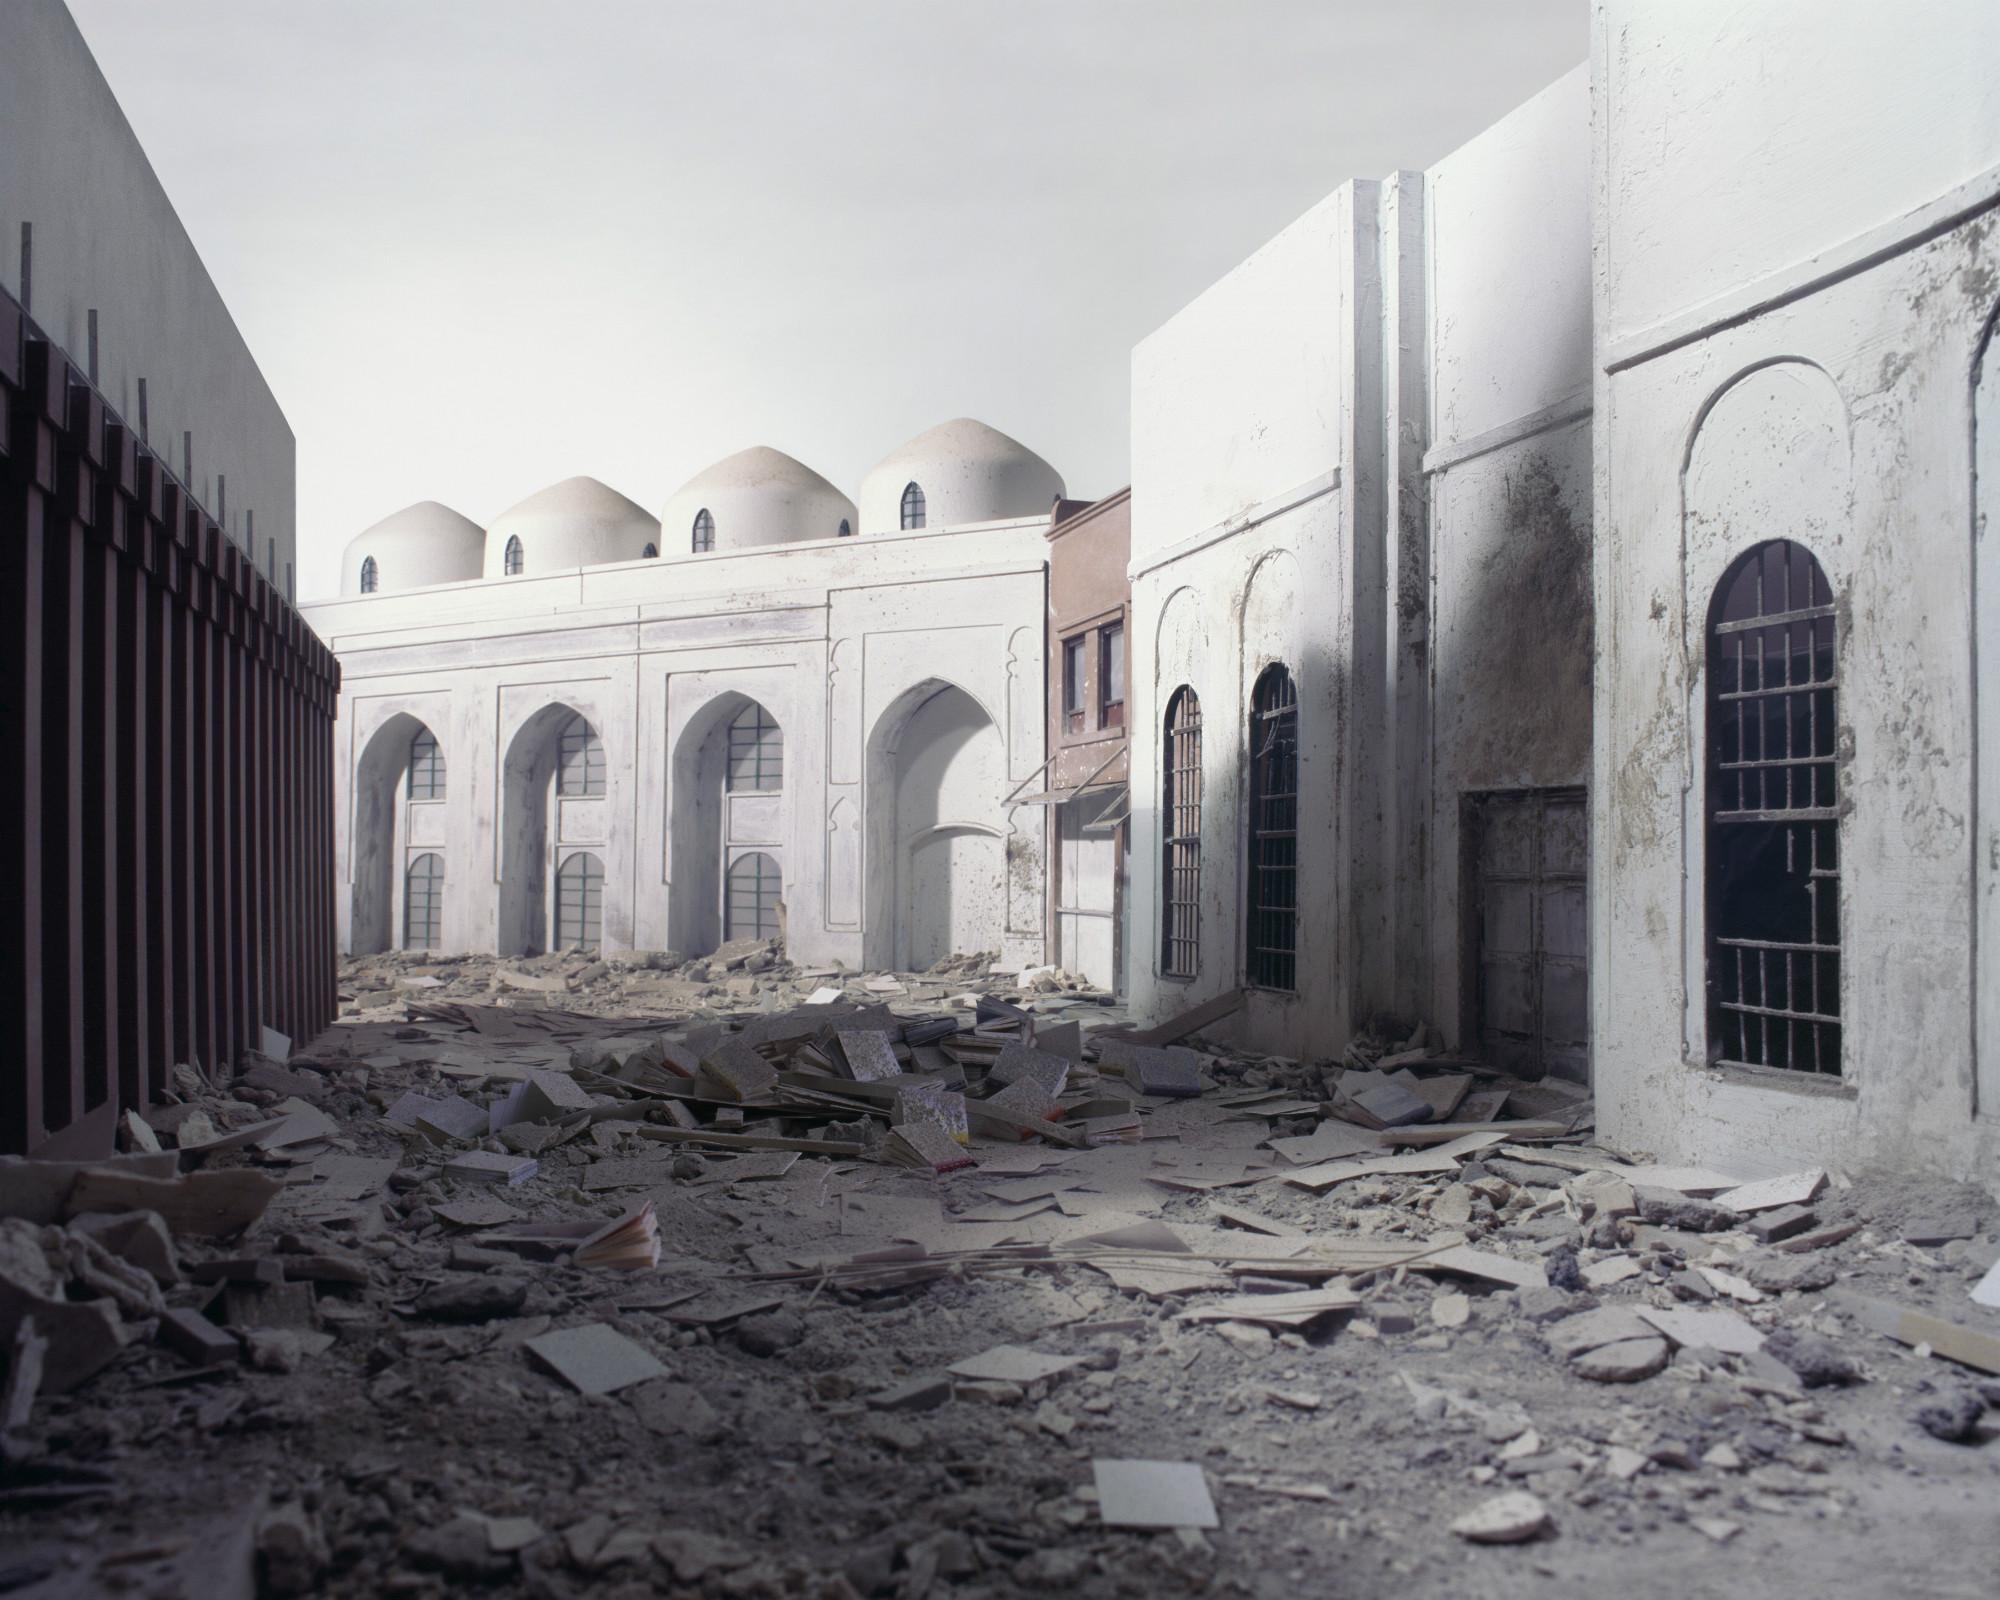 وفاء بلال ، سلسلة رماد - شارع المتنبي ، ٢٠٠٣ - ٢٠١٤